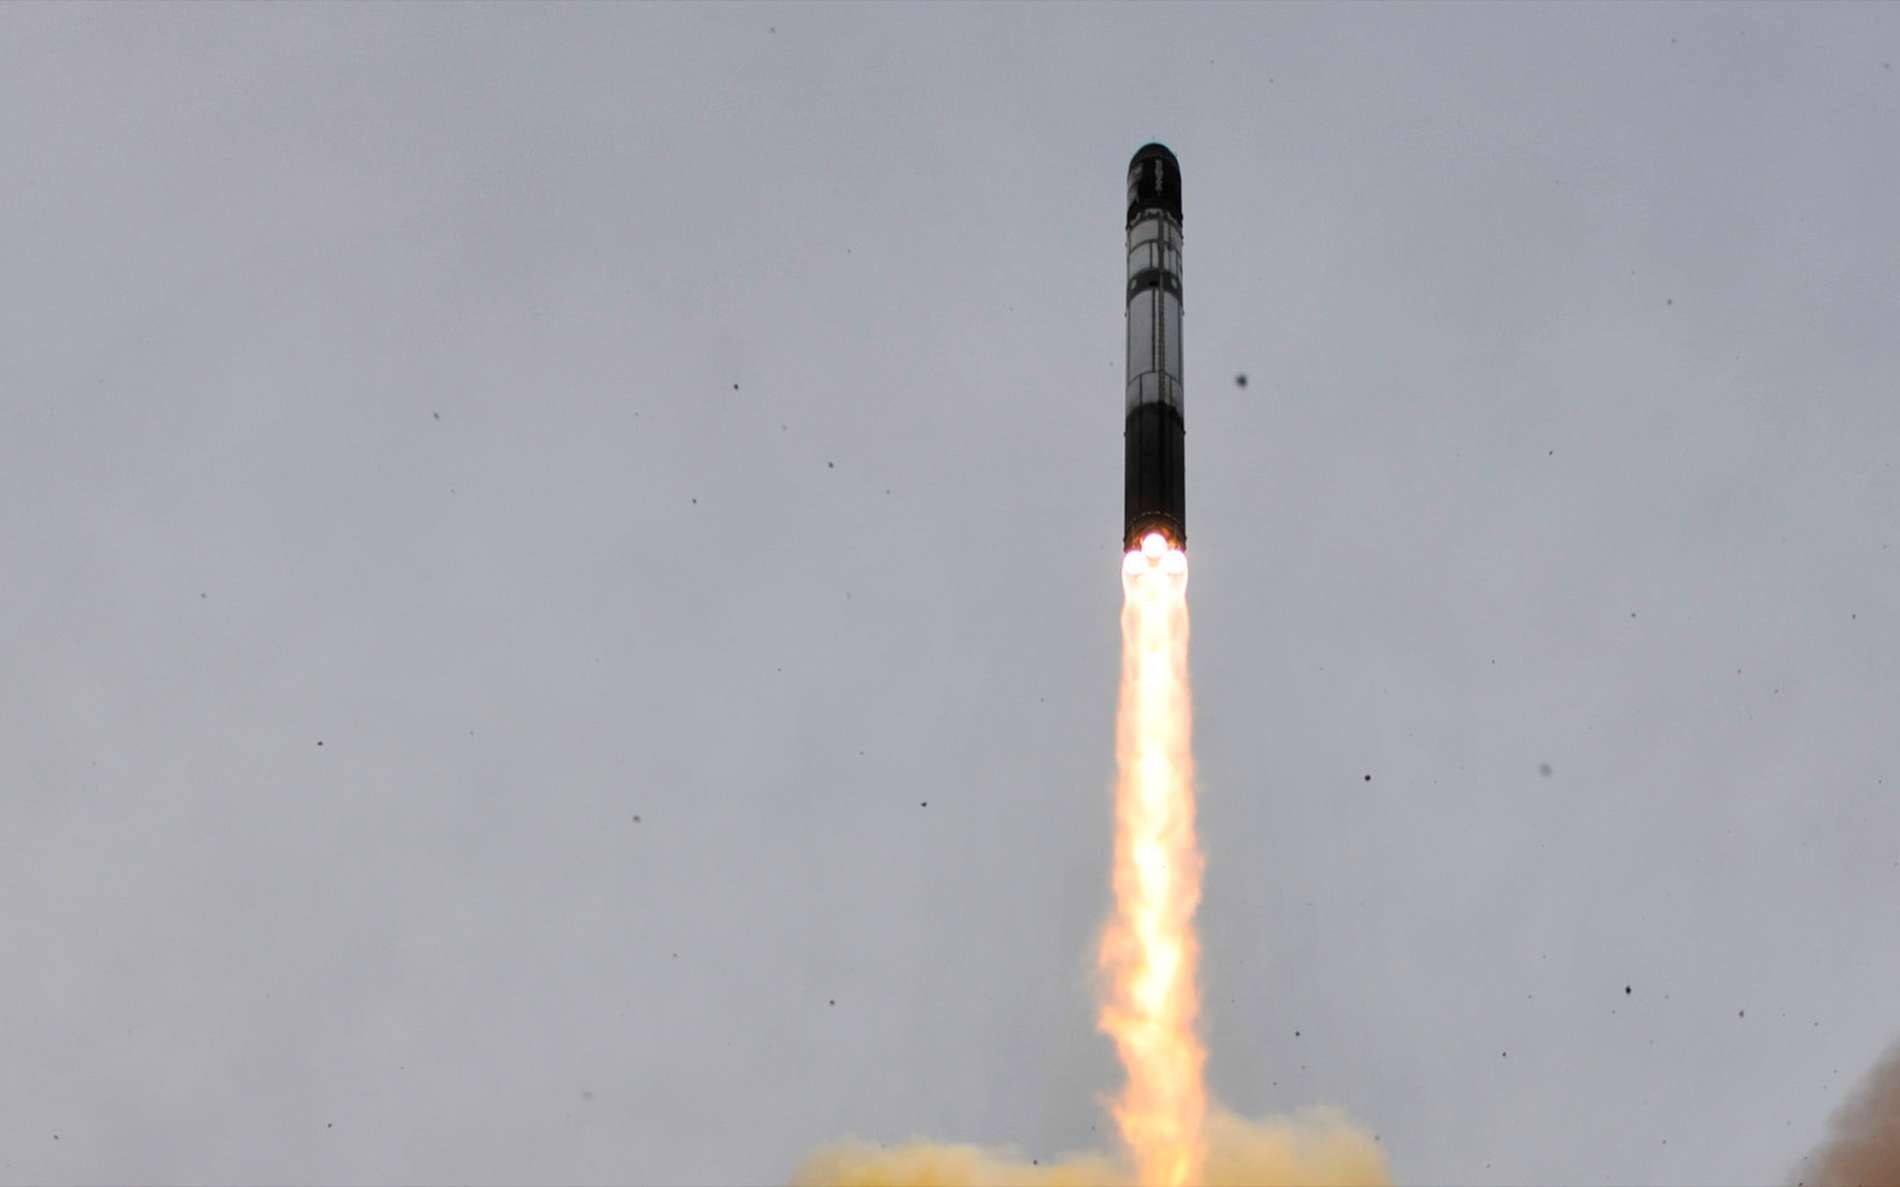 Décollage d'un lanceur Dnepr dérivé d'un missile Satan. © Esa, Stéphane Corvaja